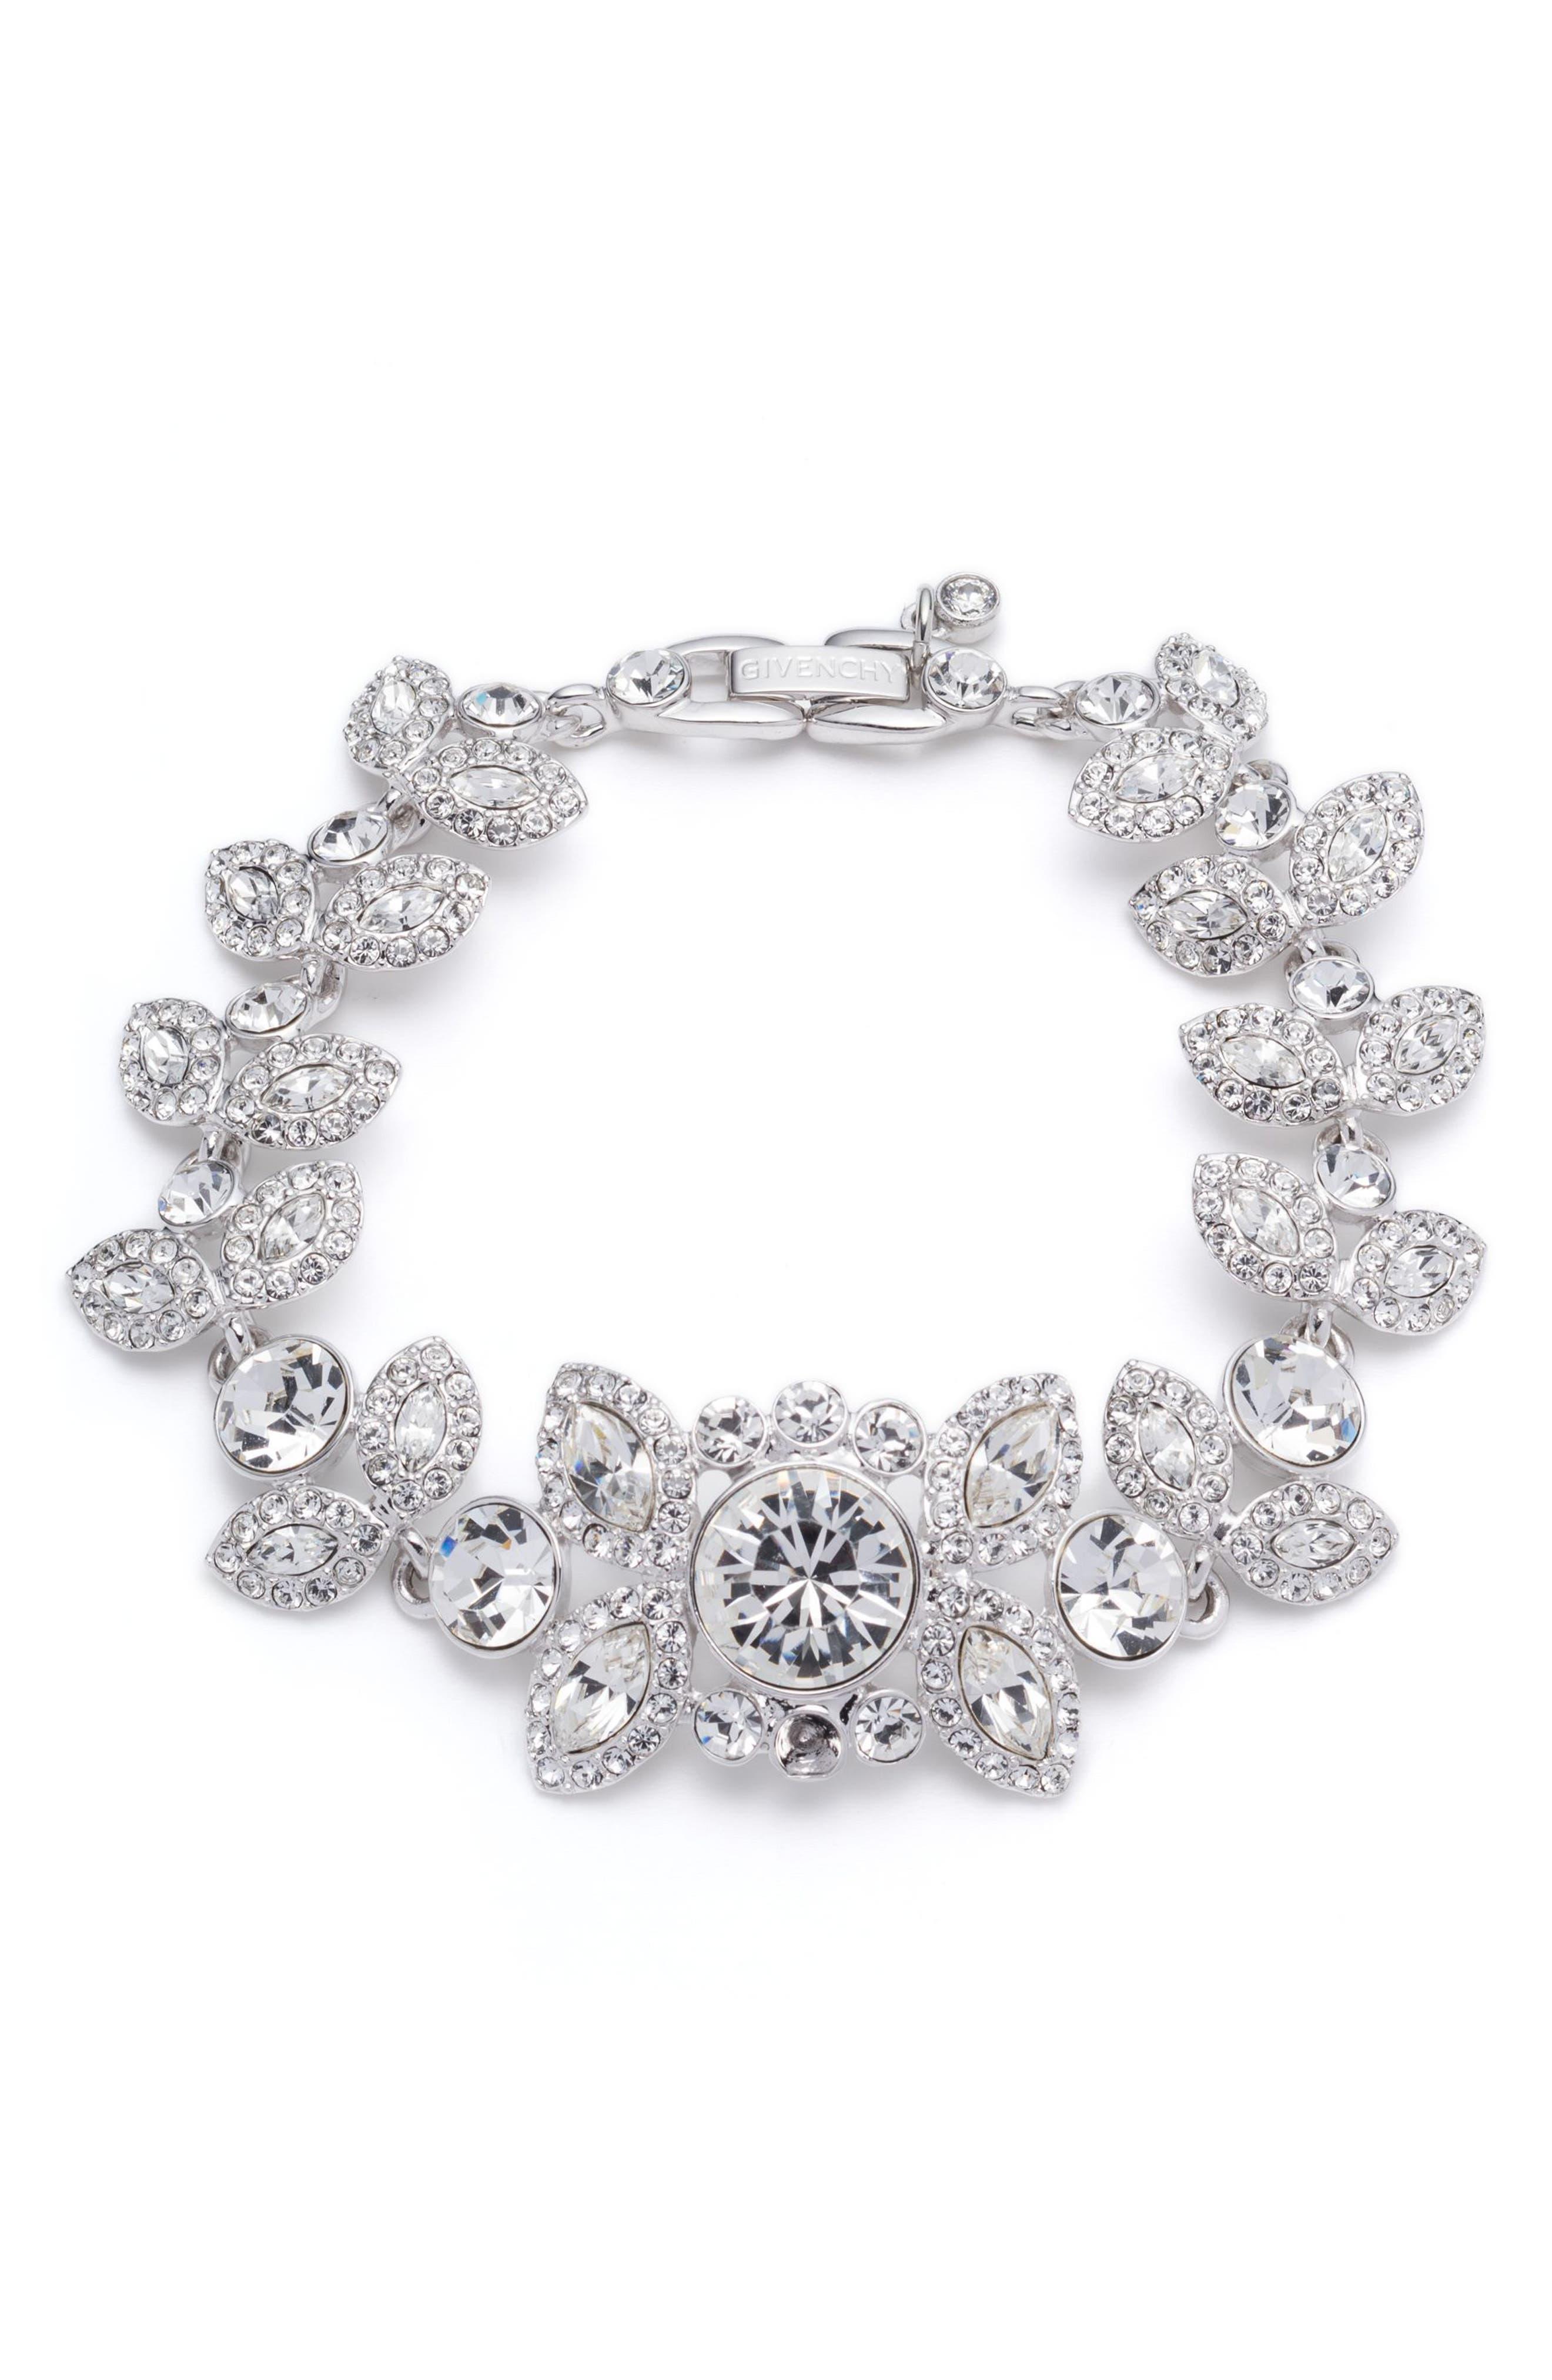 Main Image - Givenchy Large Crystal Bracelet